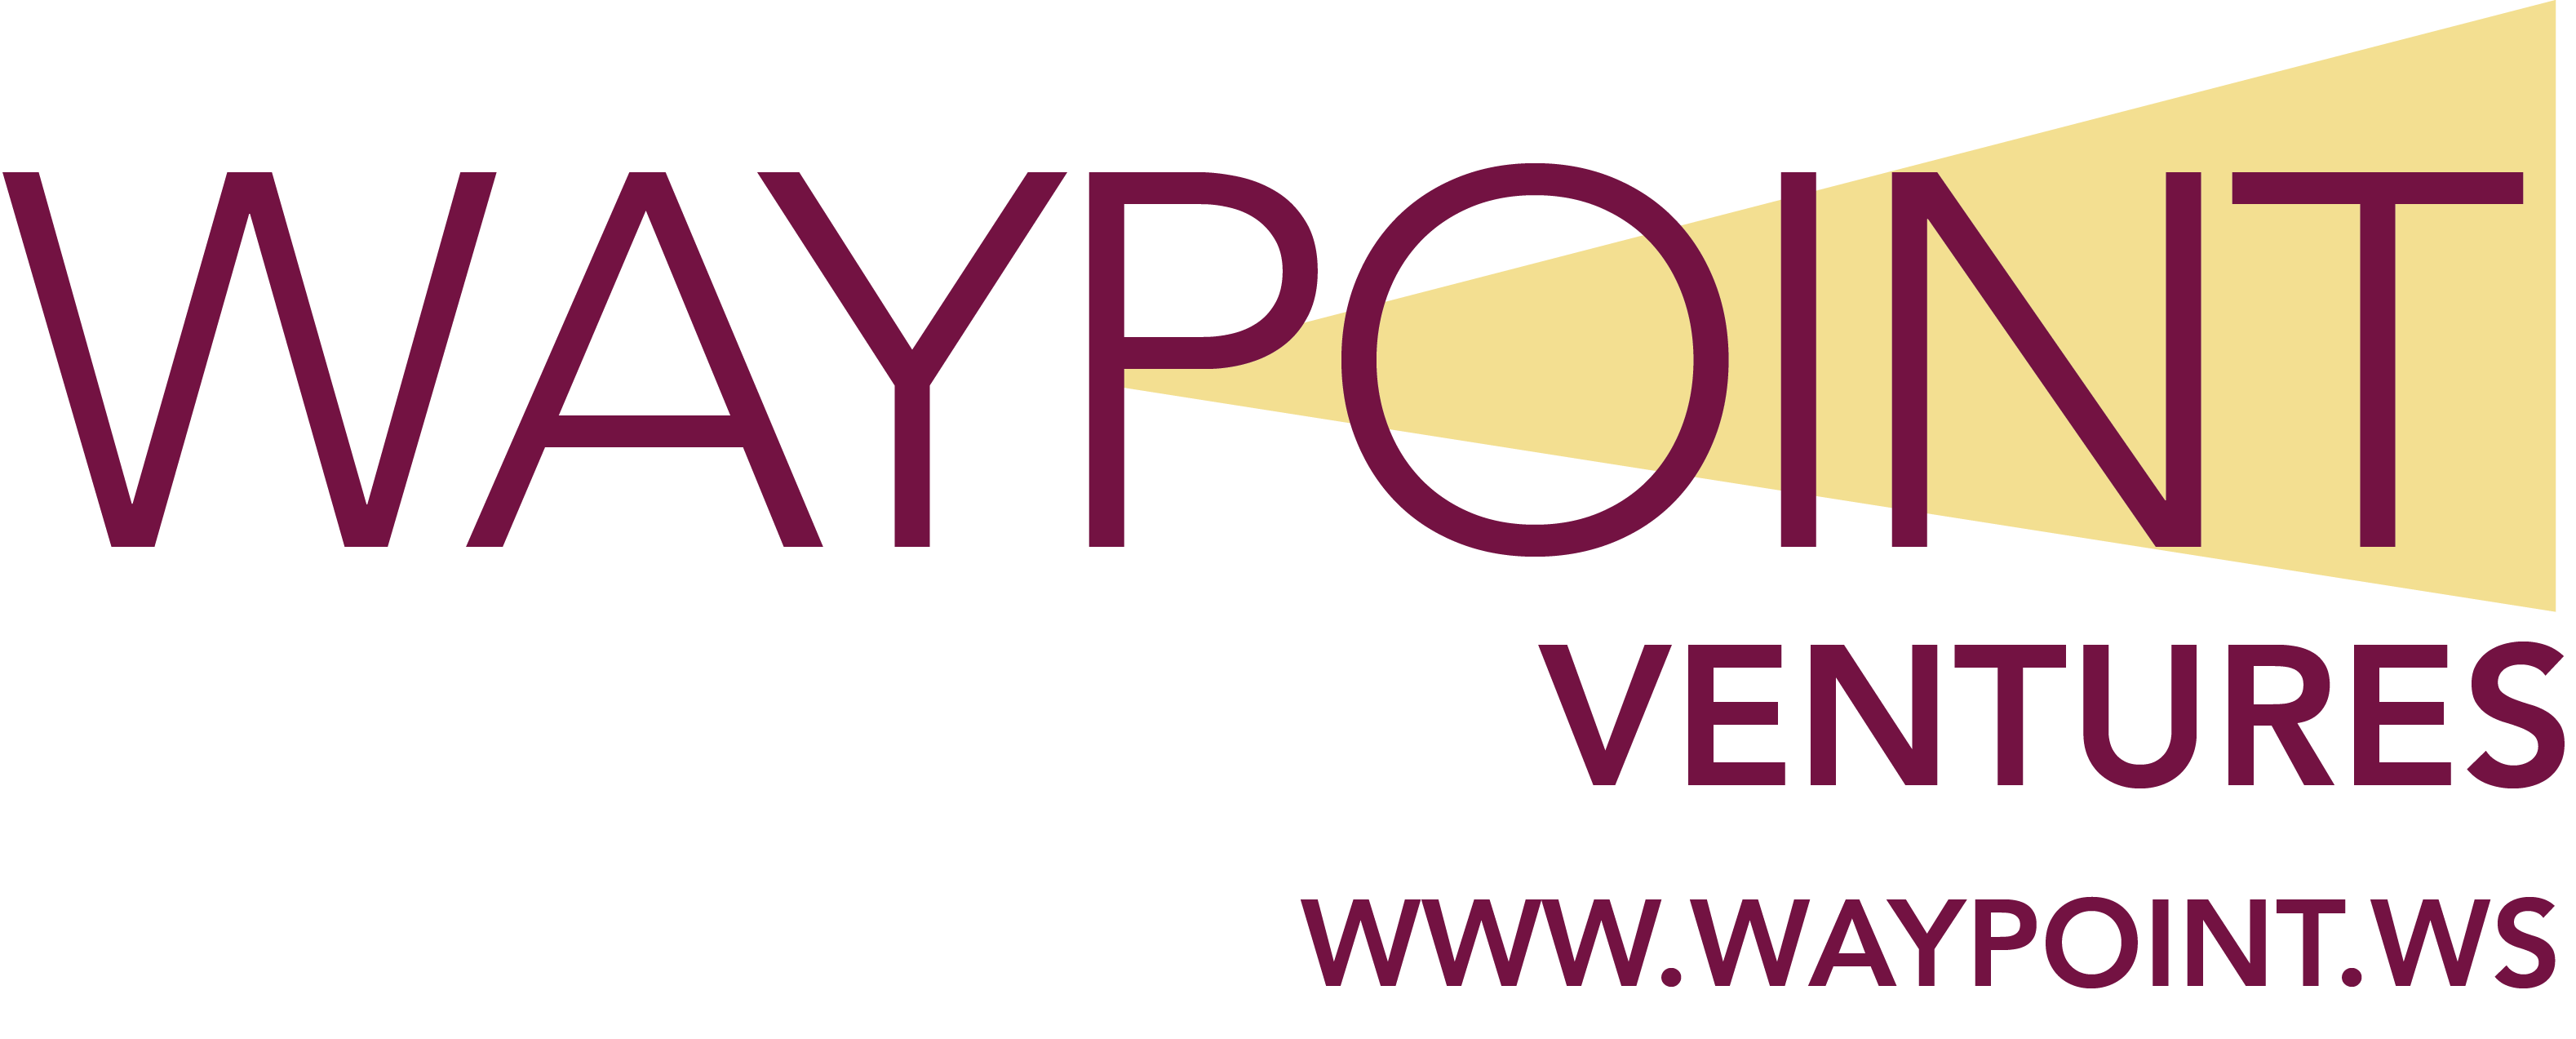 Waypoint Ventures_Maroon